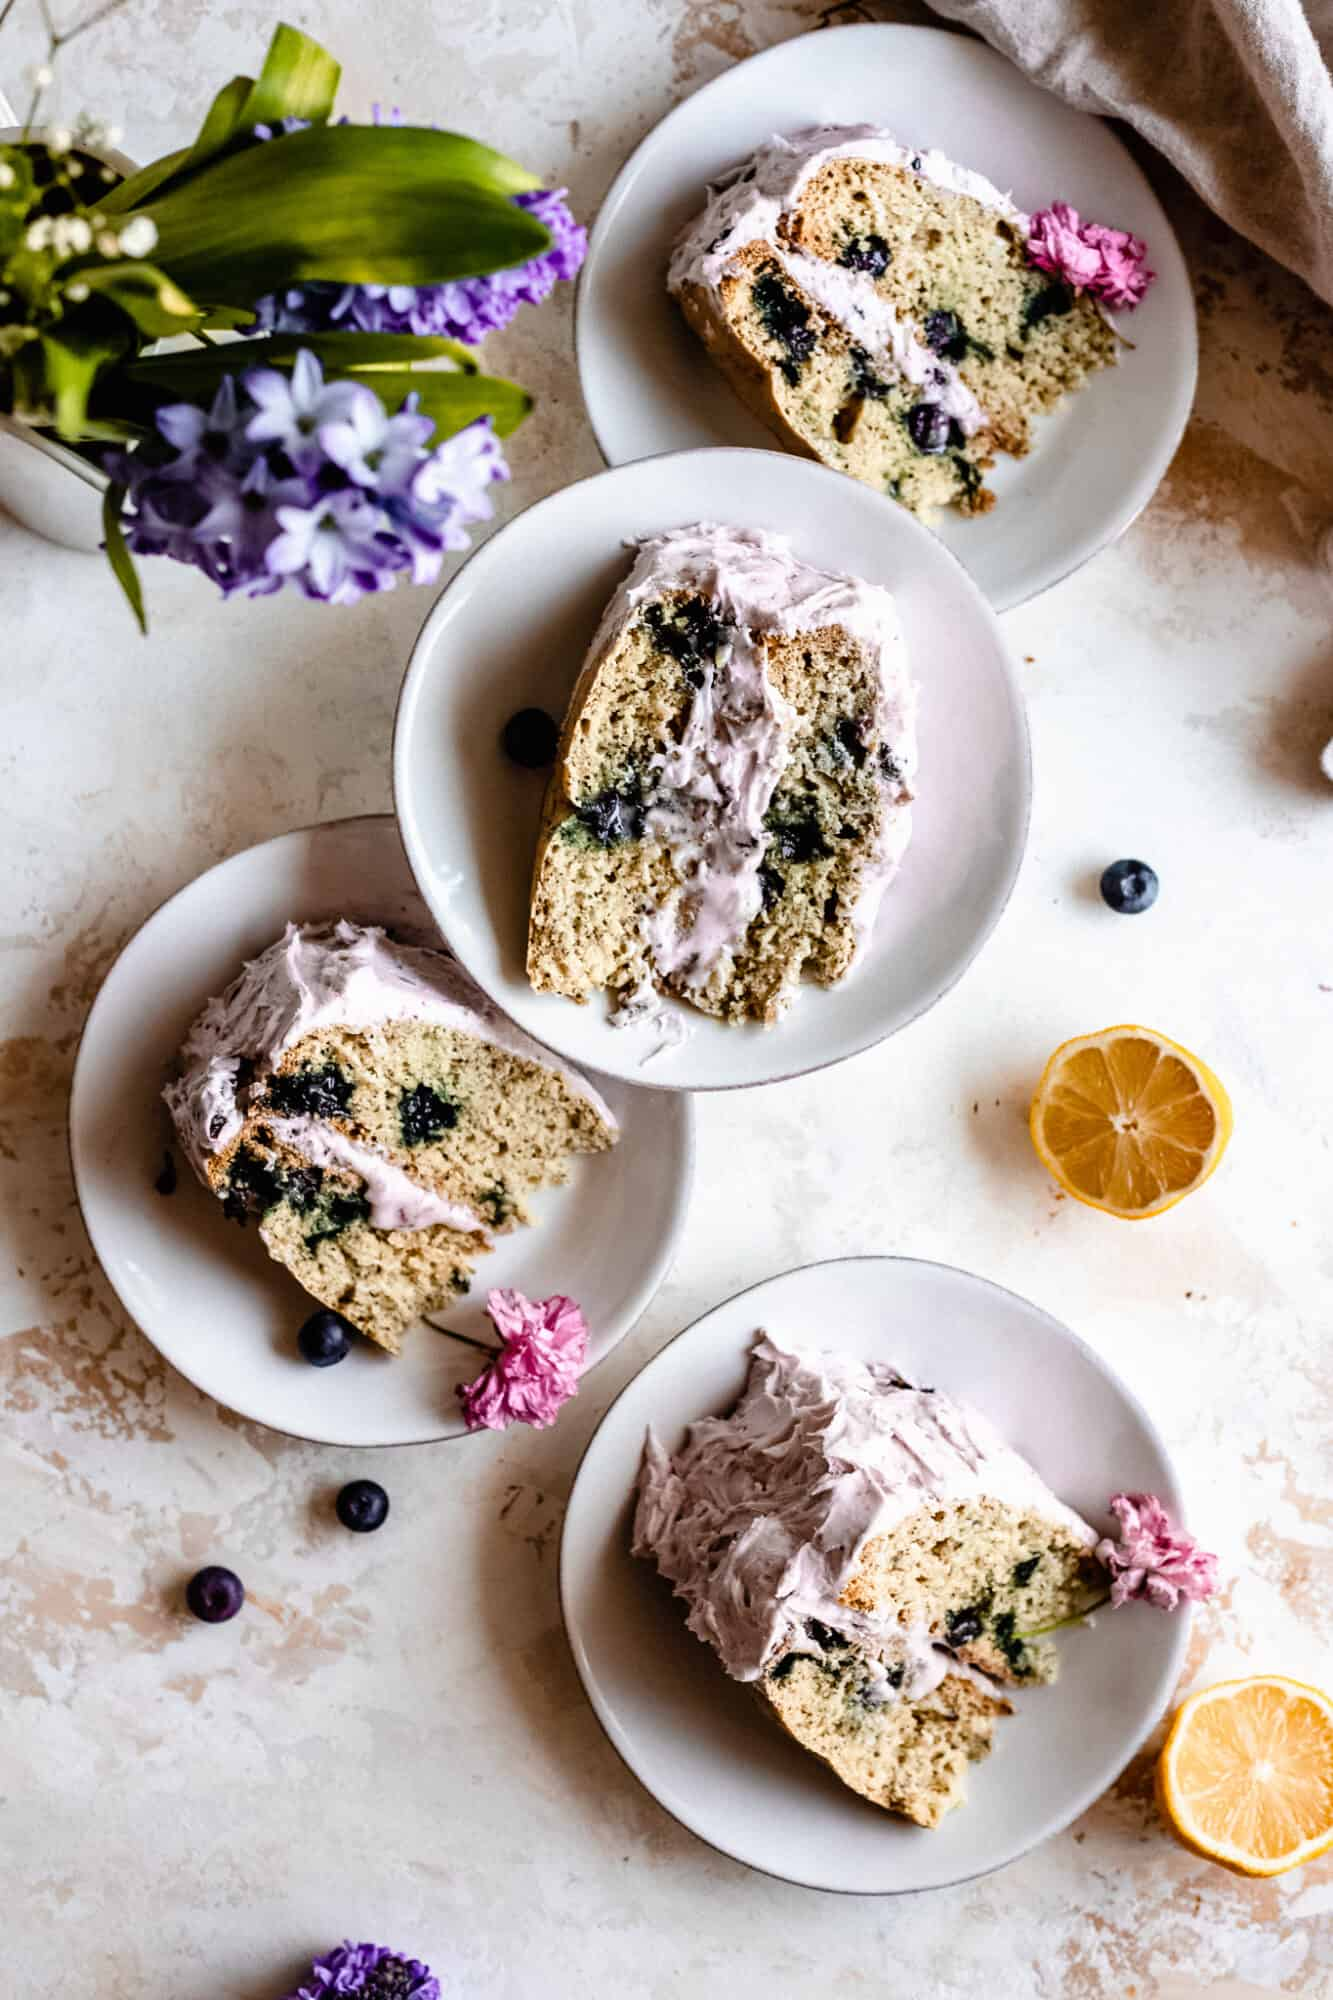 slices of vegan lemon blueberry cake